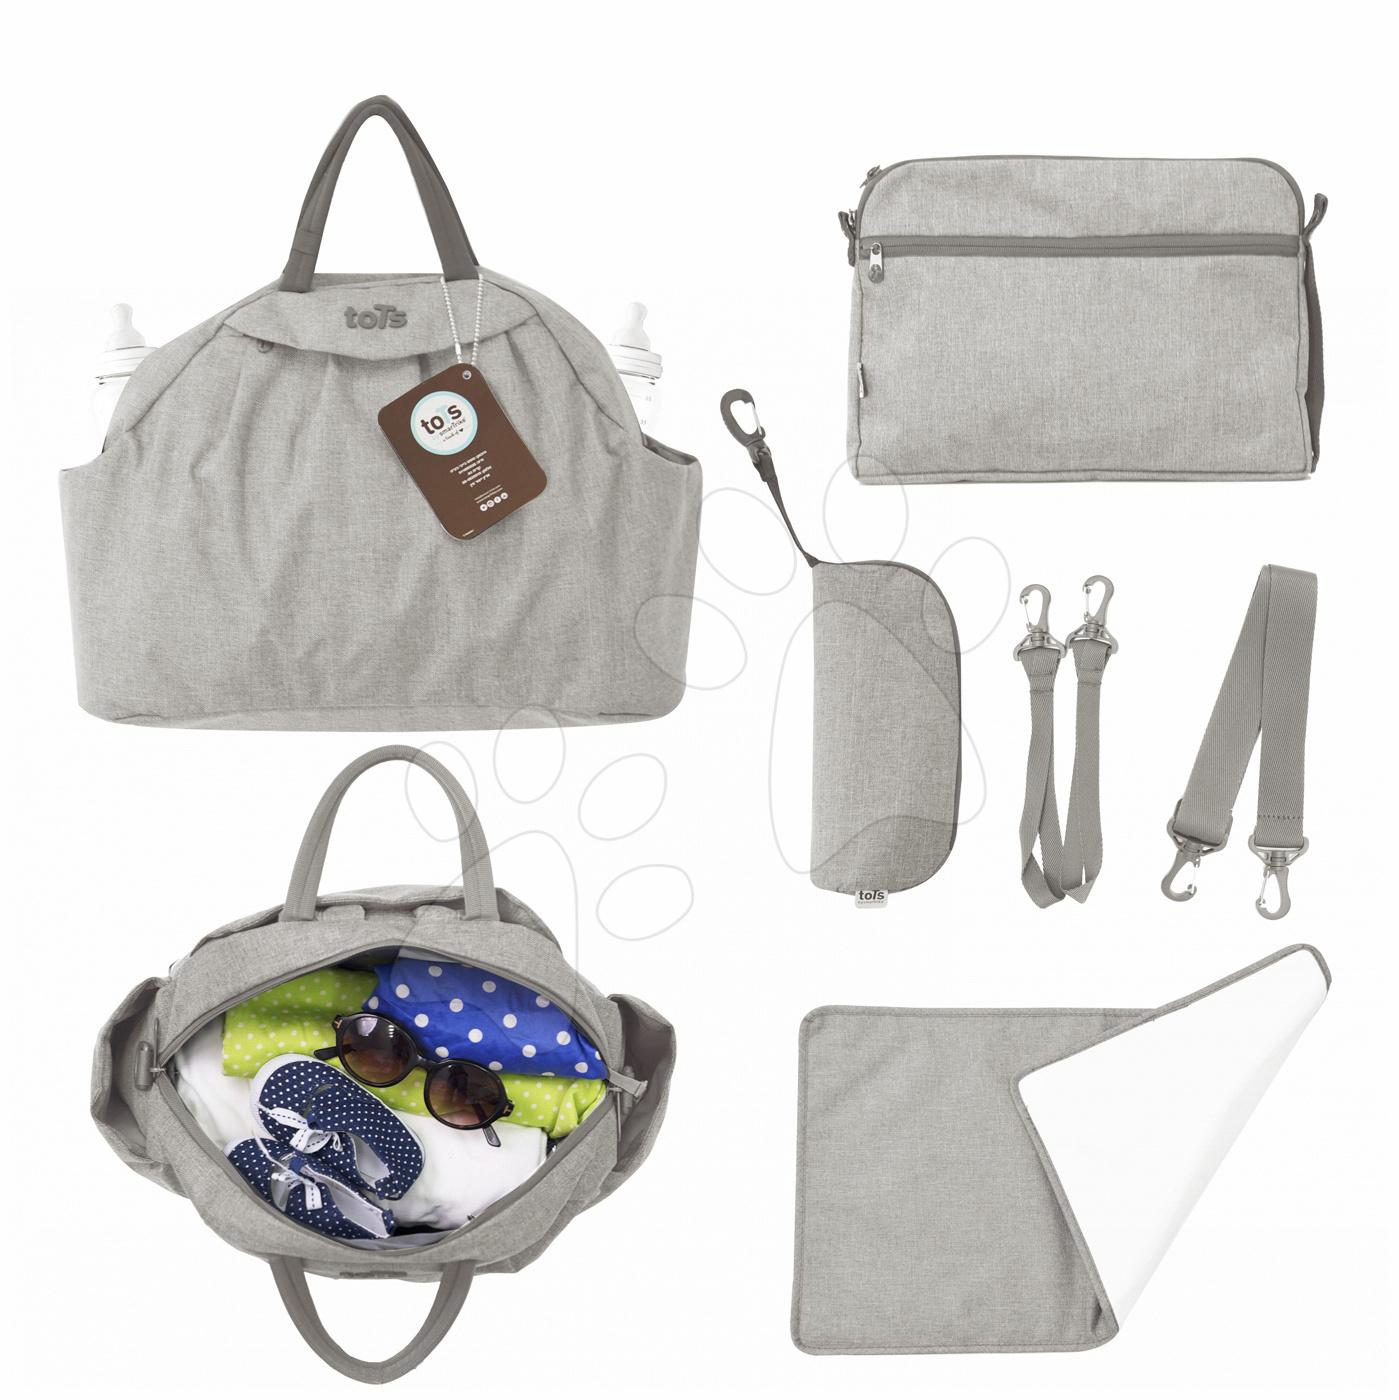 Prebaľovacia taška Chic 5v1 toTs-smarTrike s vnútornou taškou a termoobalom na fľašu béžová